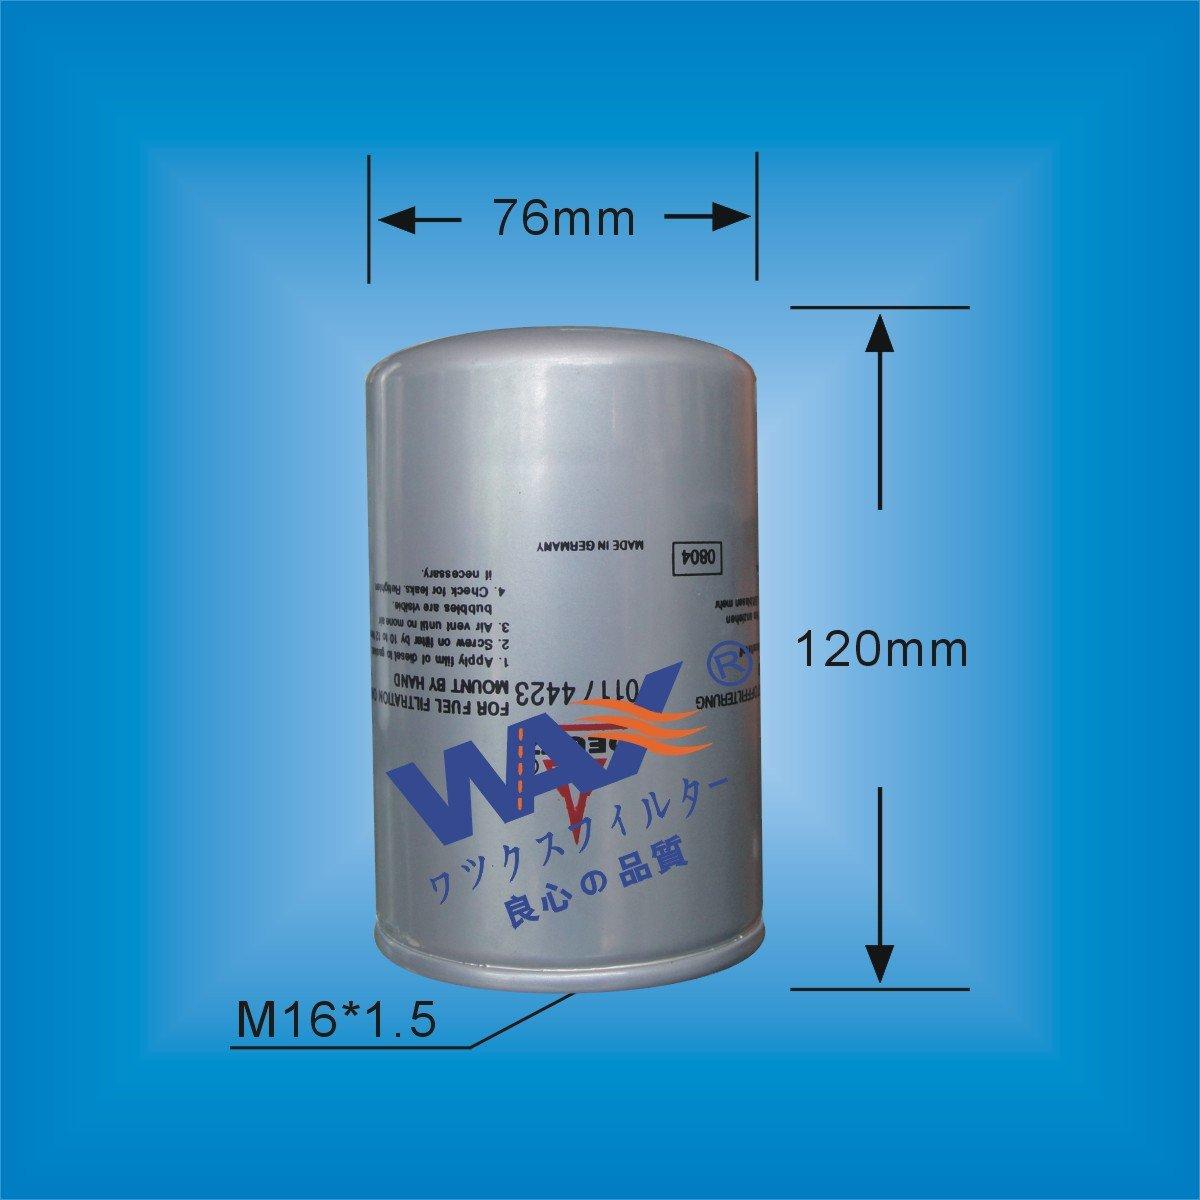 Deutz Fuel Filters Wiring Diagram Diagrams Filter For 01174423 Buy Deutzspin Ondeutz